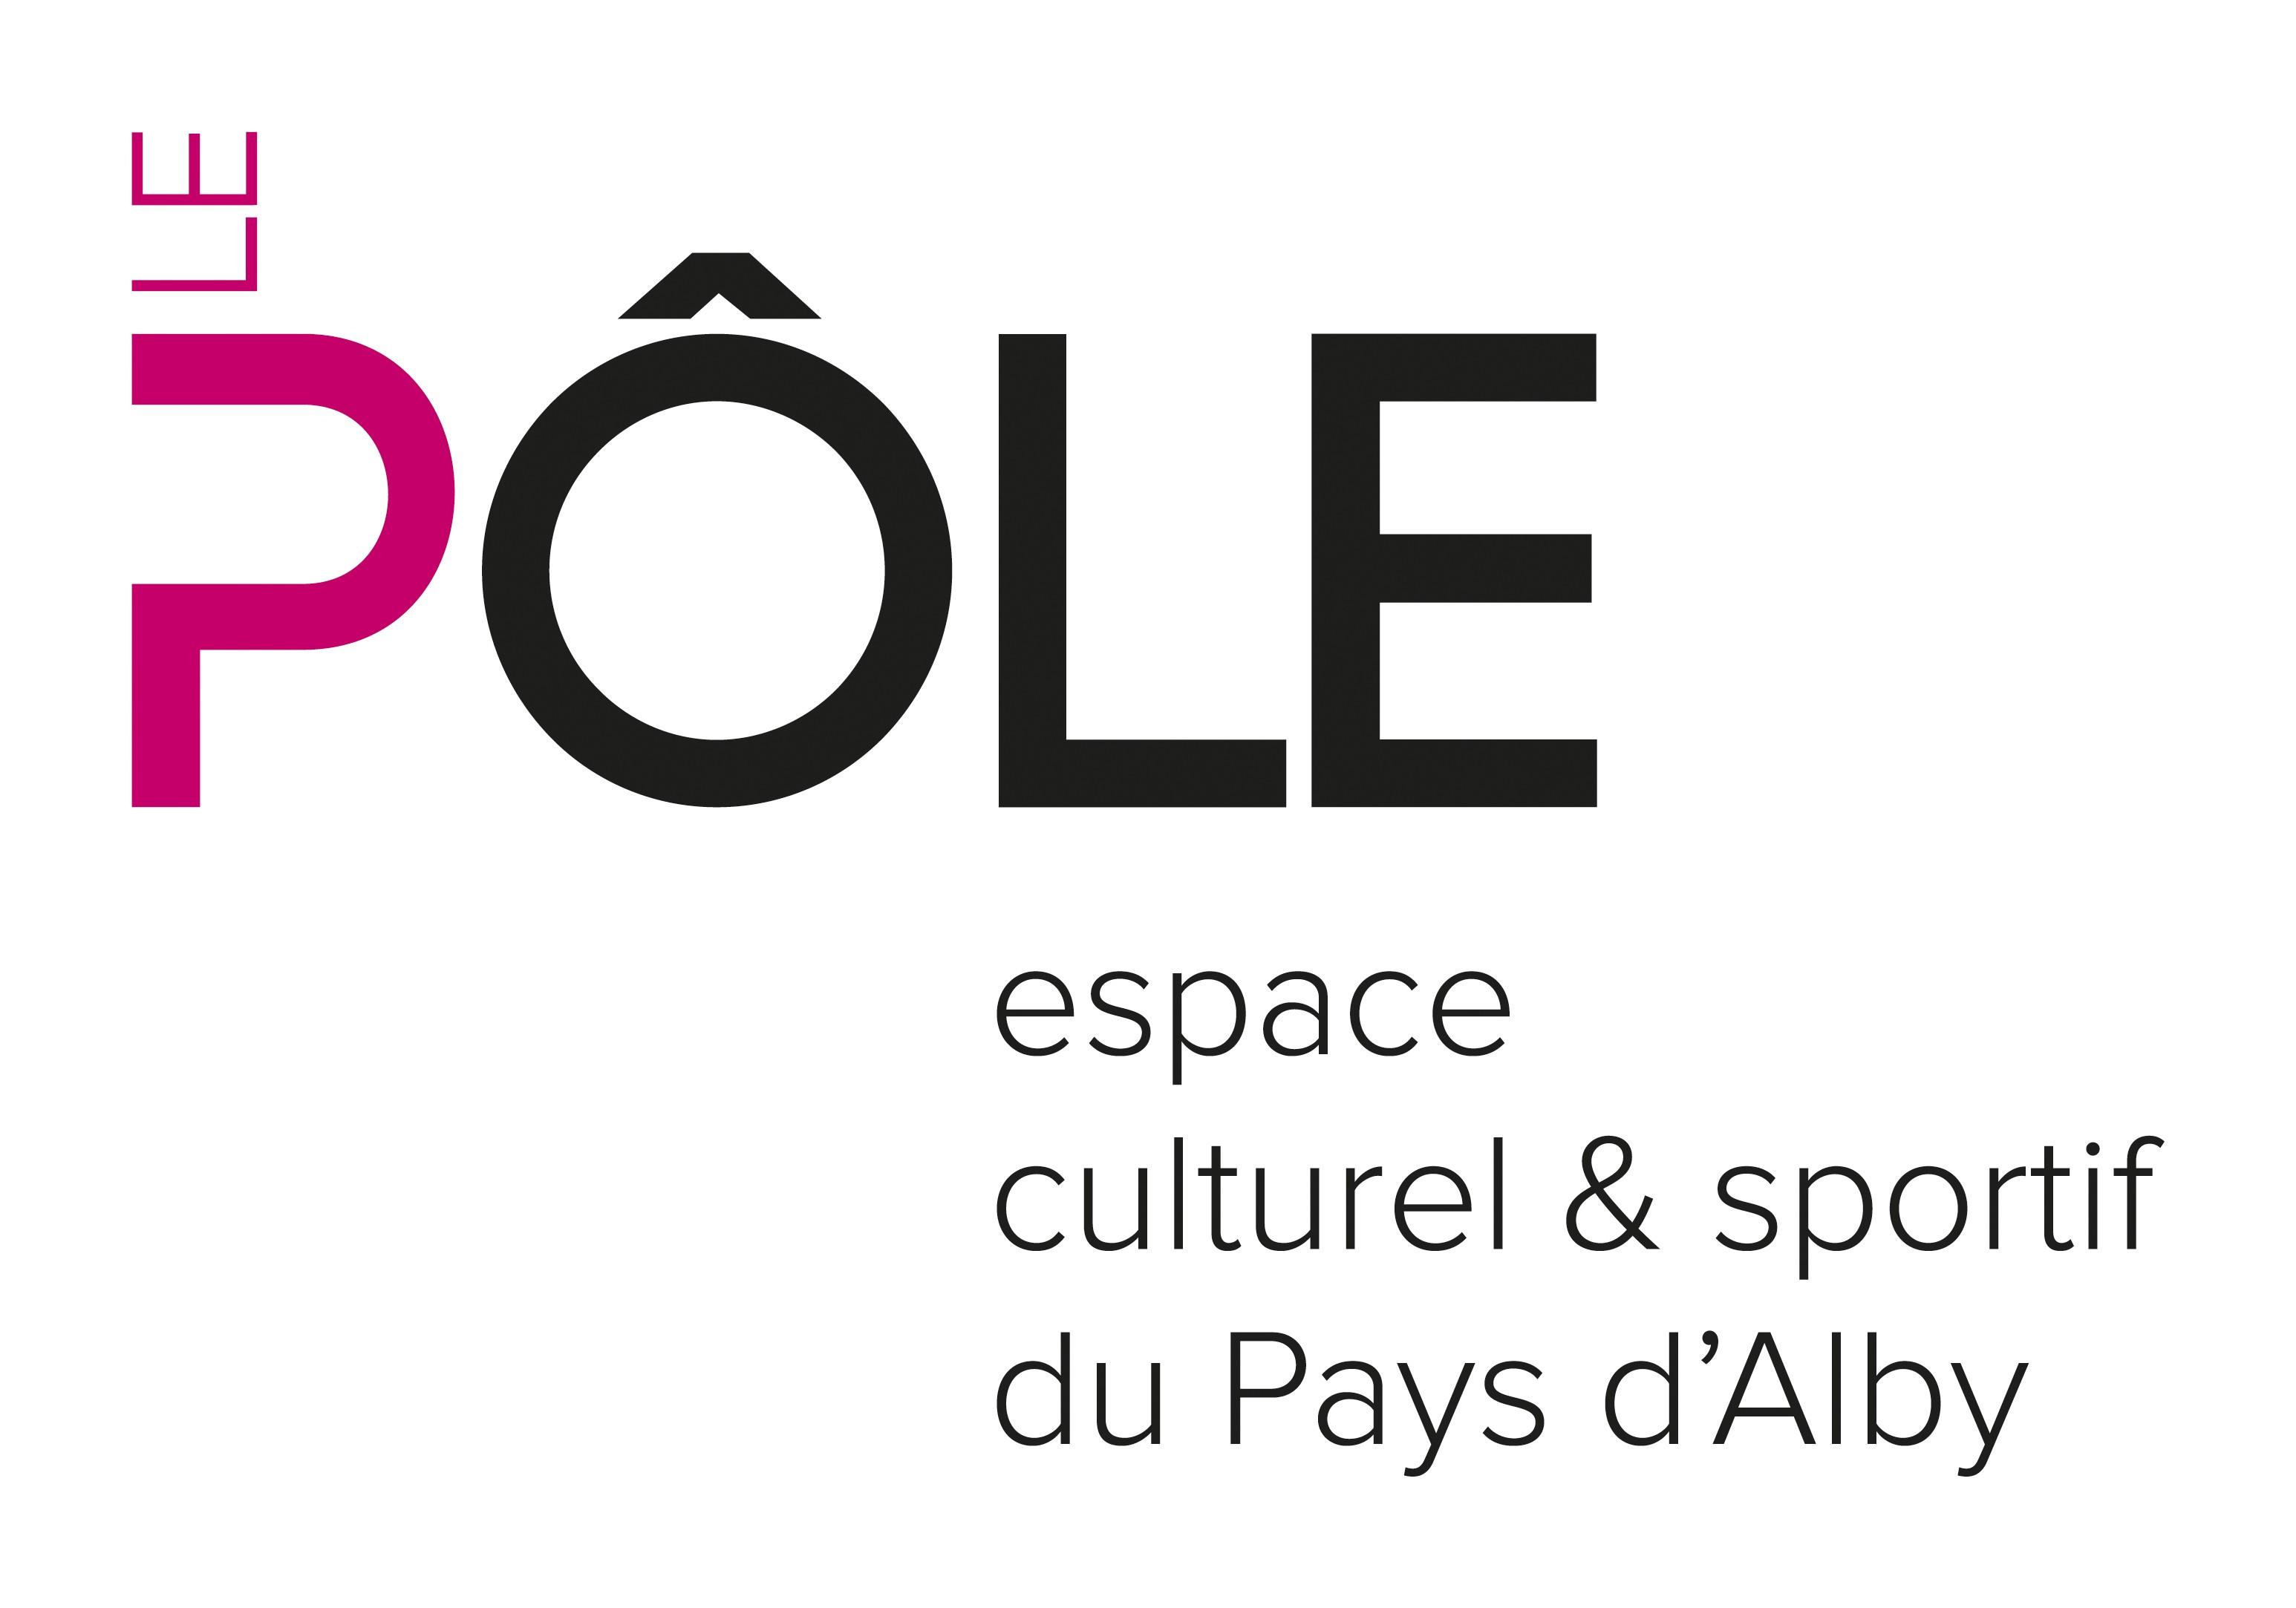 Le Pôle, Espace culturel & sportif du Pays d'Alby